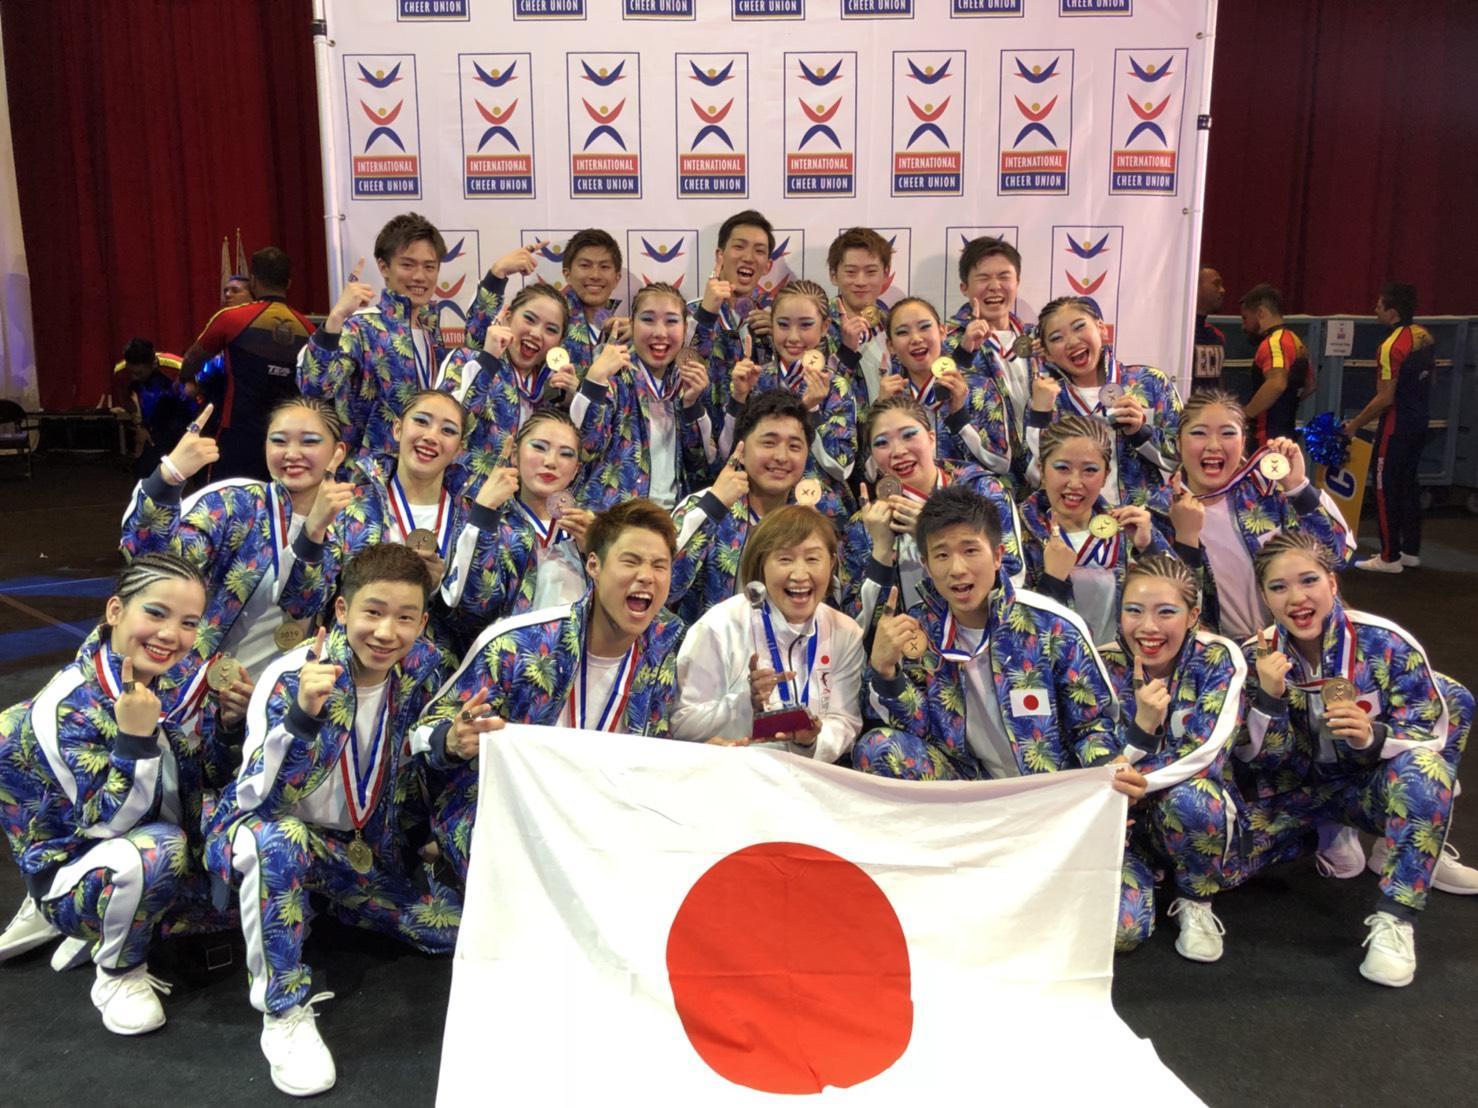 創価大学の学生が「ICUチアリーディング世界選手権2019」に日本代表として出場 -- ヒップホップダブルスで4連覇、チームチア・ヒップホップで3連覇